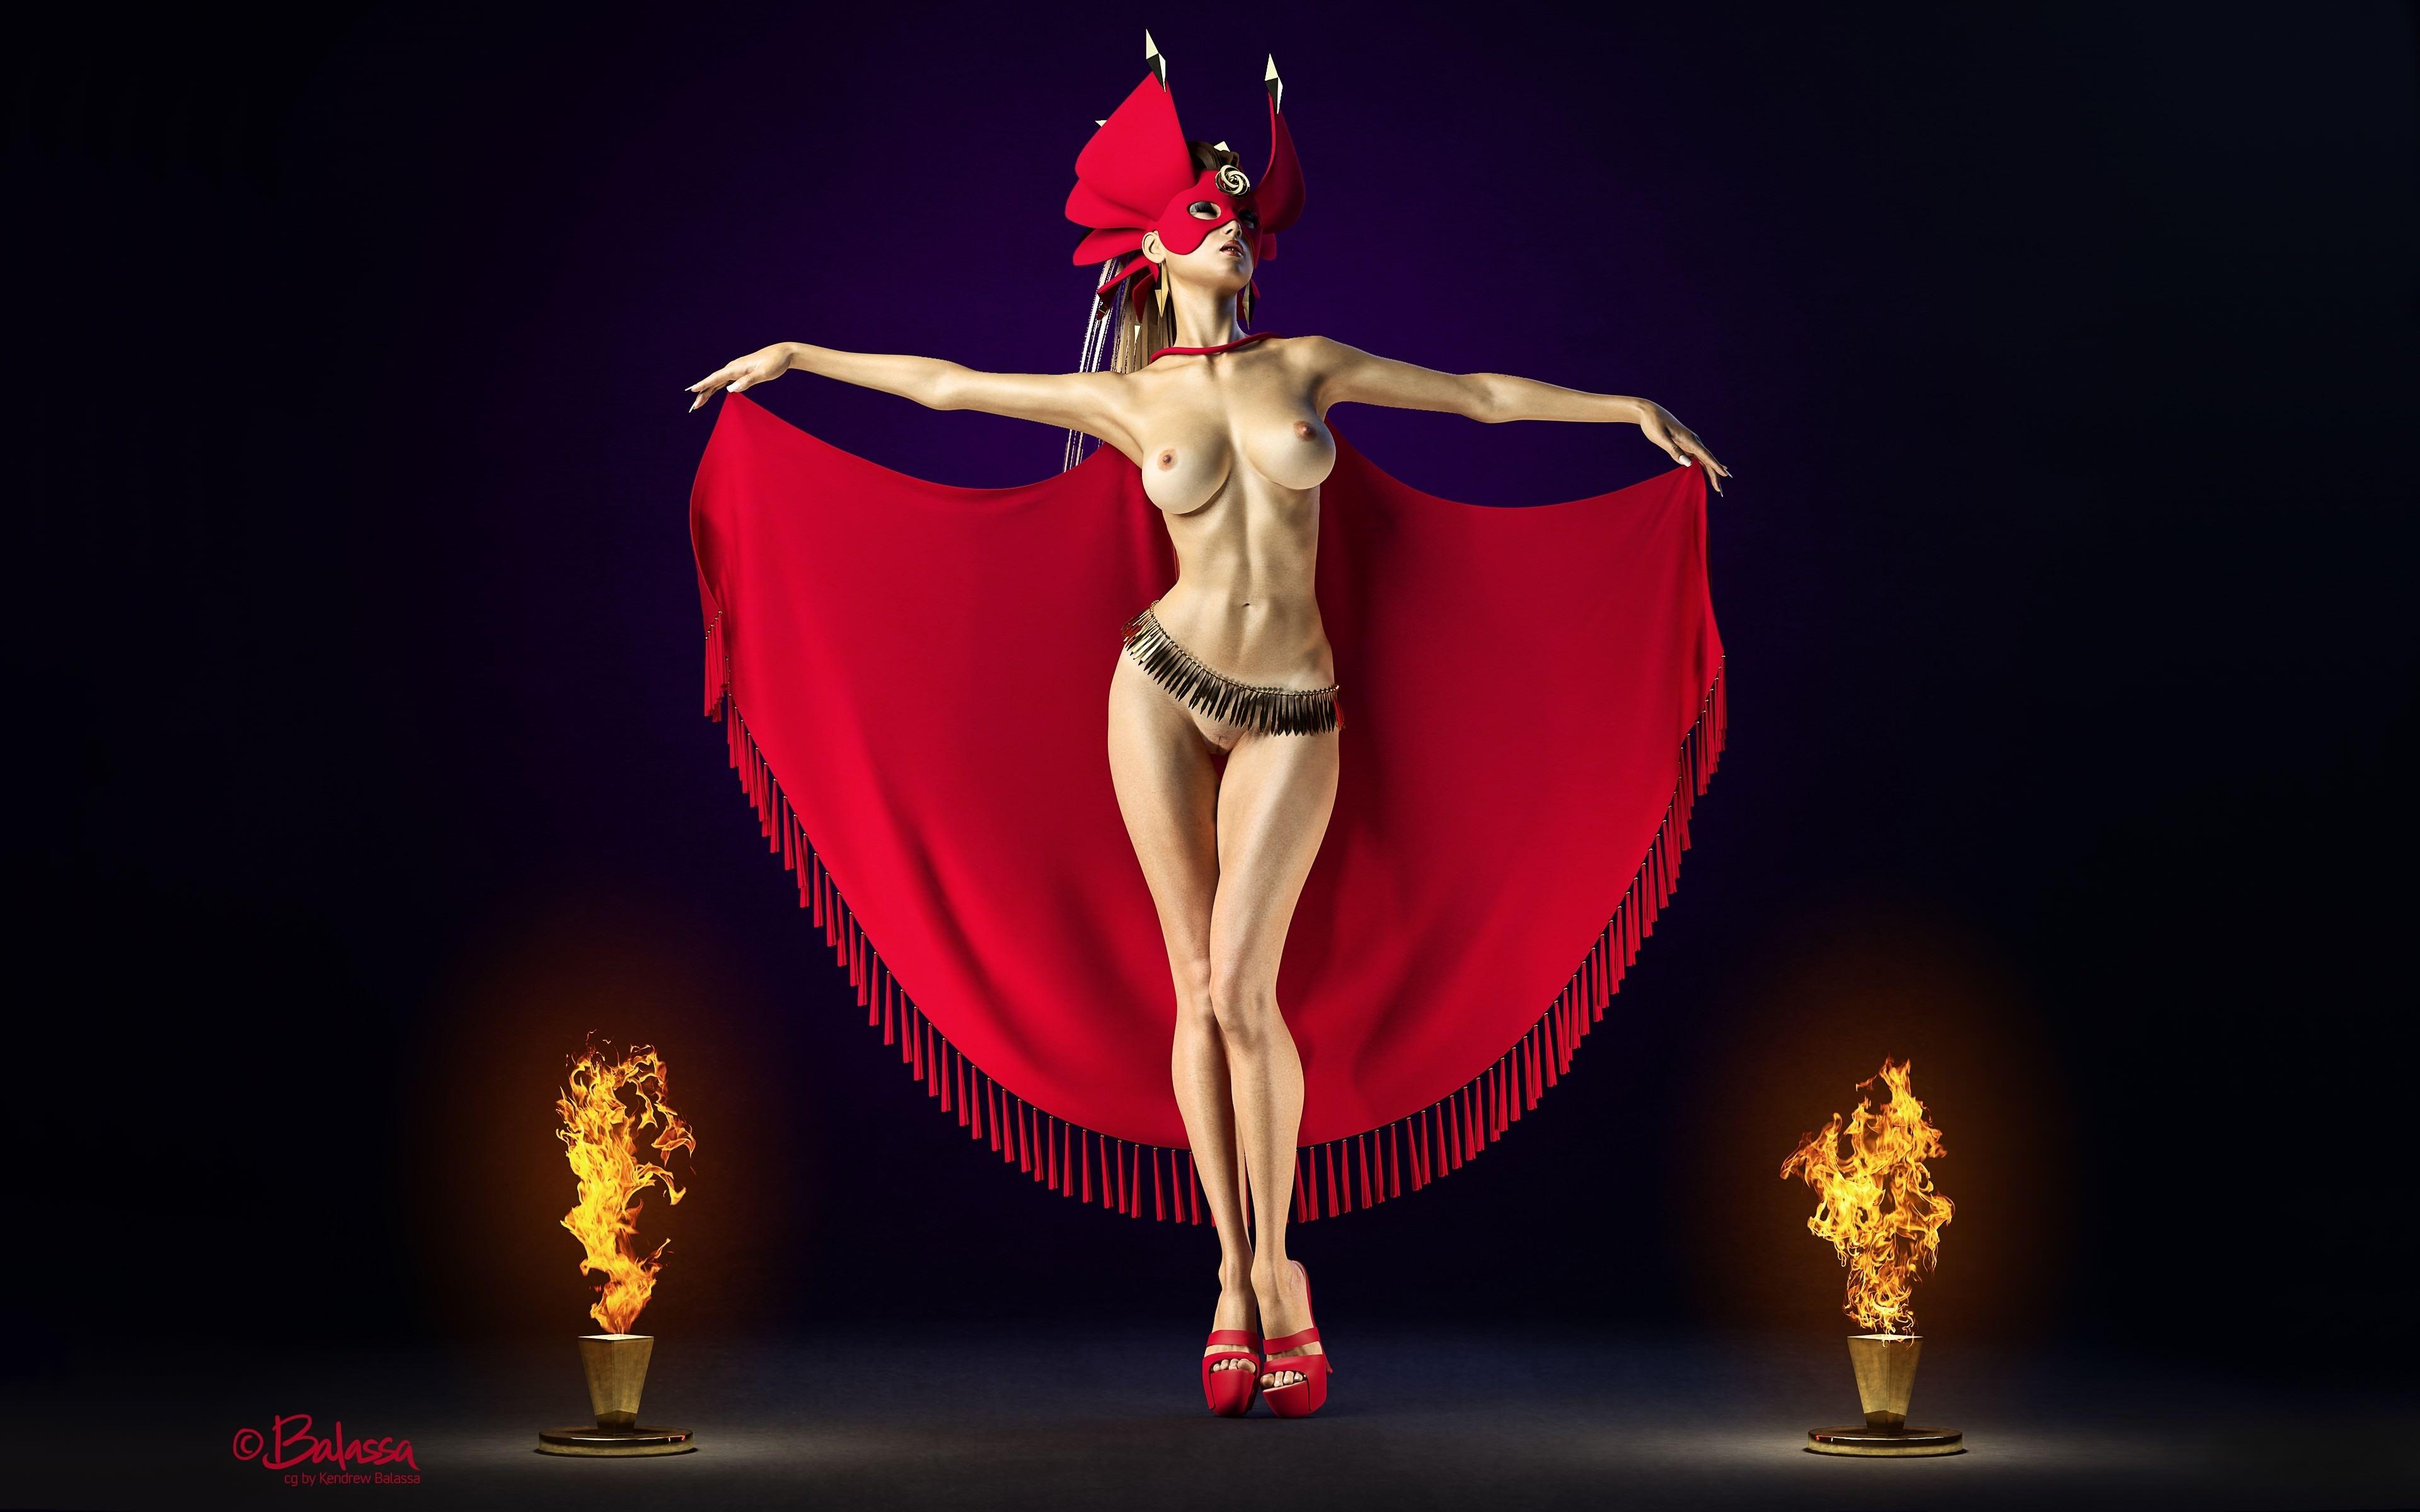 Фото Сексапильная девушка с обнаженными прелестями, красный плащ, маска, пламя, сексуальное тело, прекрасная талия, длинные сексуальные ножки, красивая грудь, бритая пися, скачать картинку бесплатно